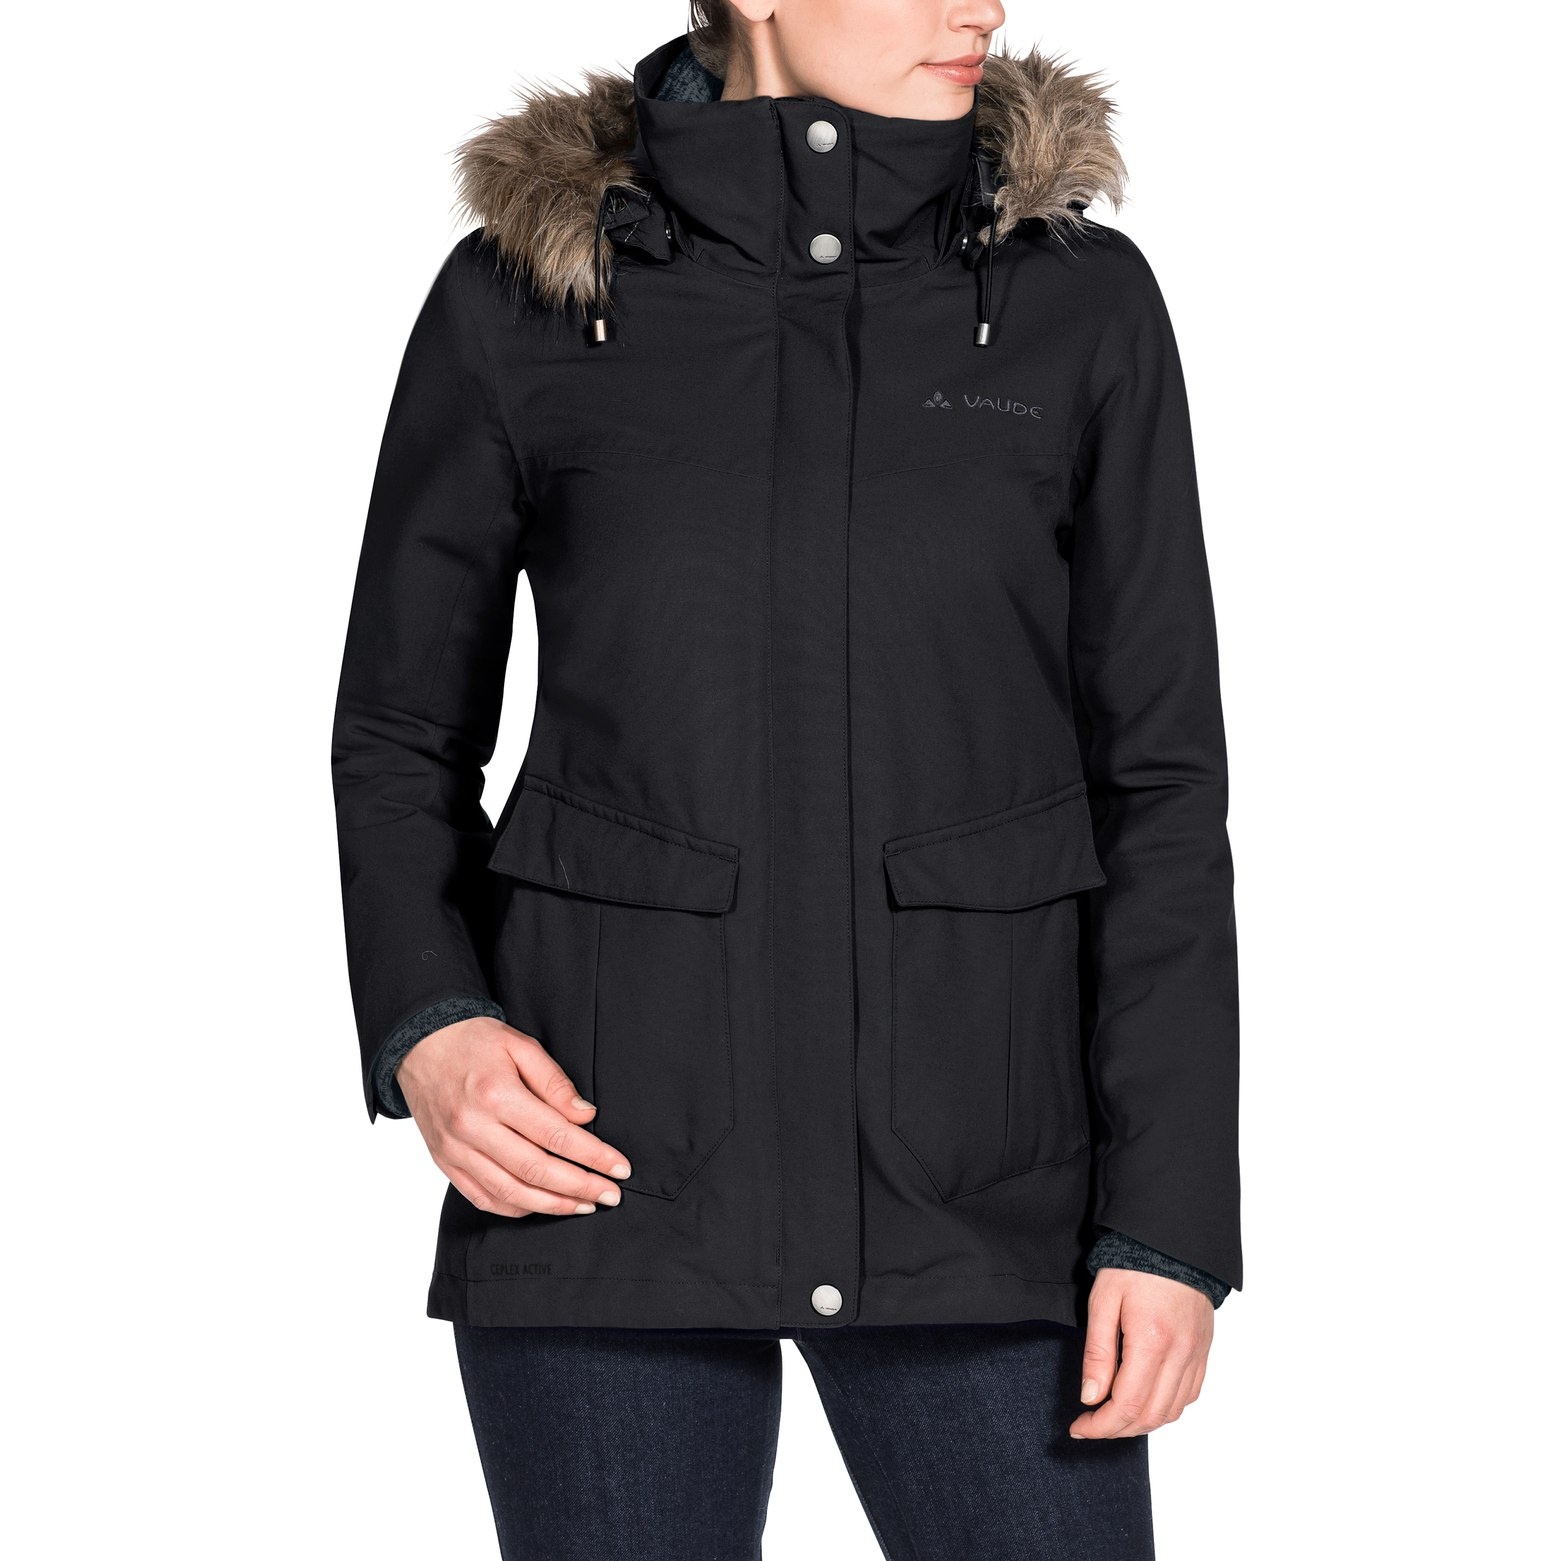 Bild von Vaude Women's Kilia 3in1 Jacket Damenjacke - black